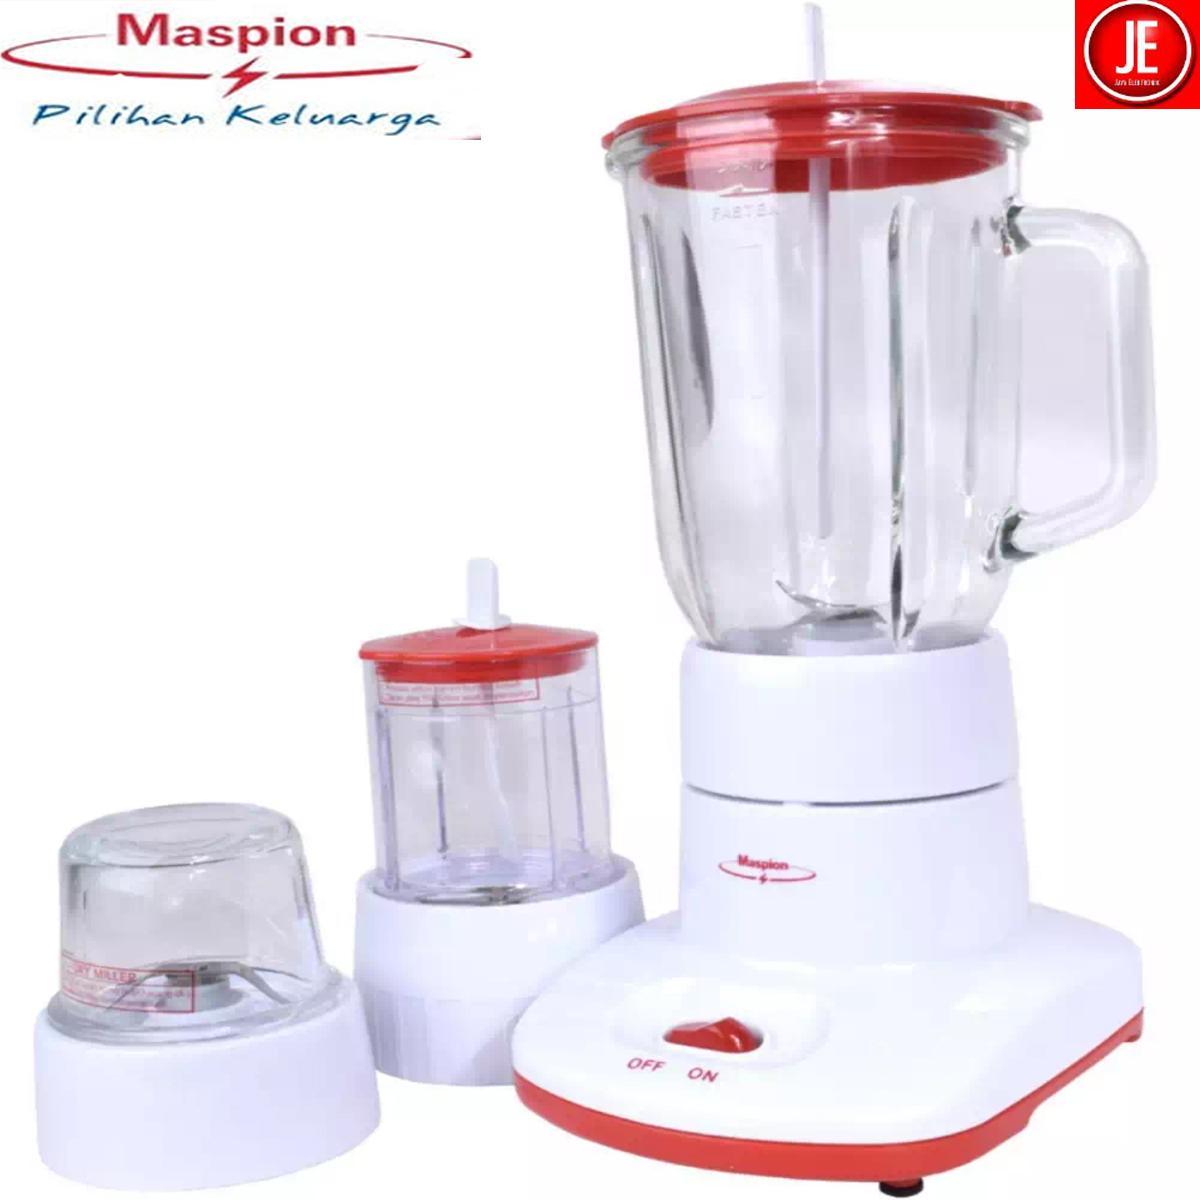 Maspion Blender Glass 1 Liter 3in1 - MT1213 garansi resmi